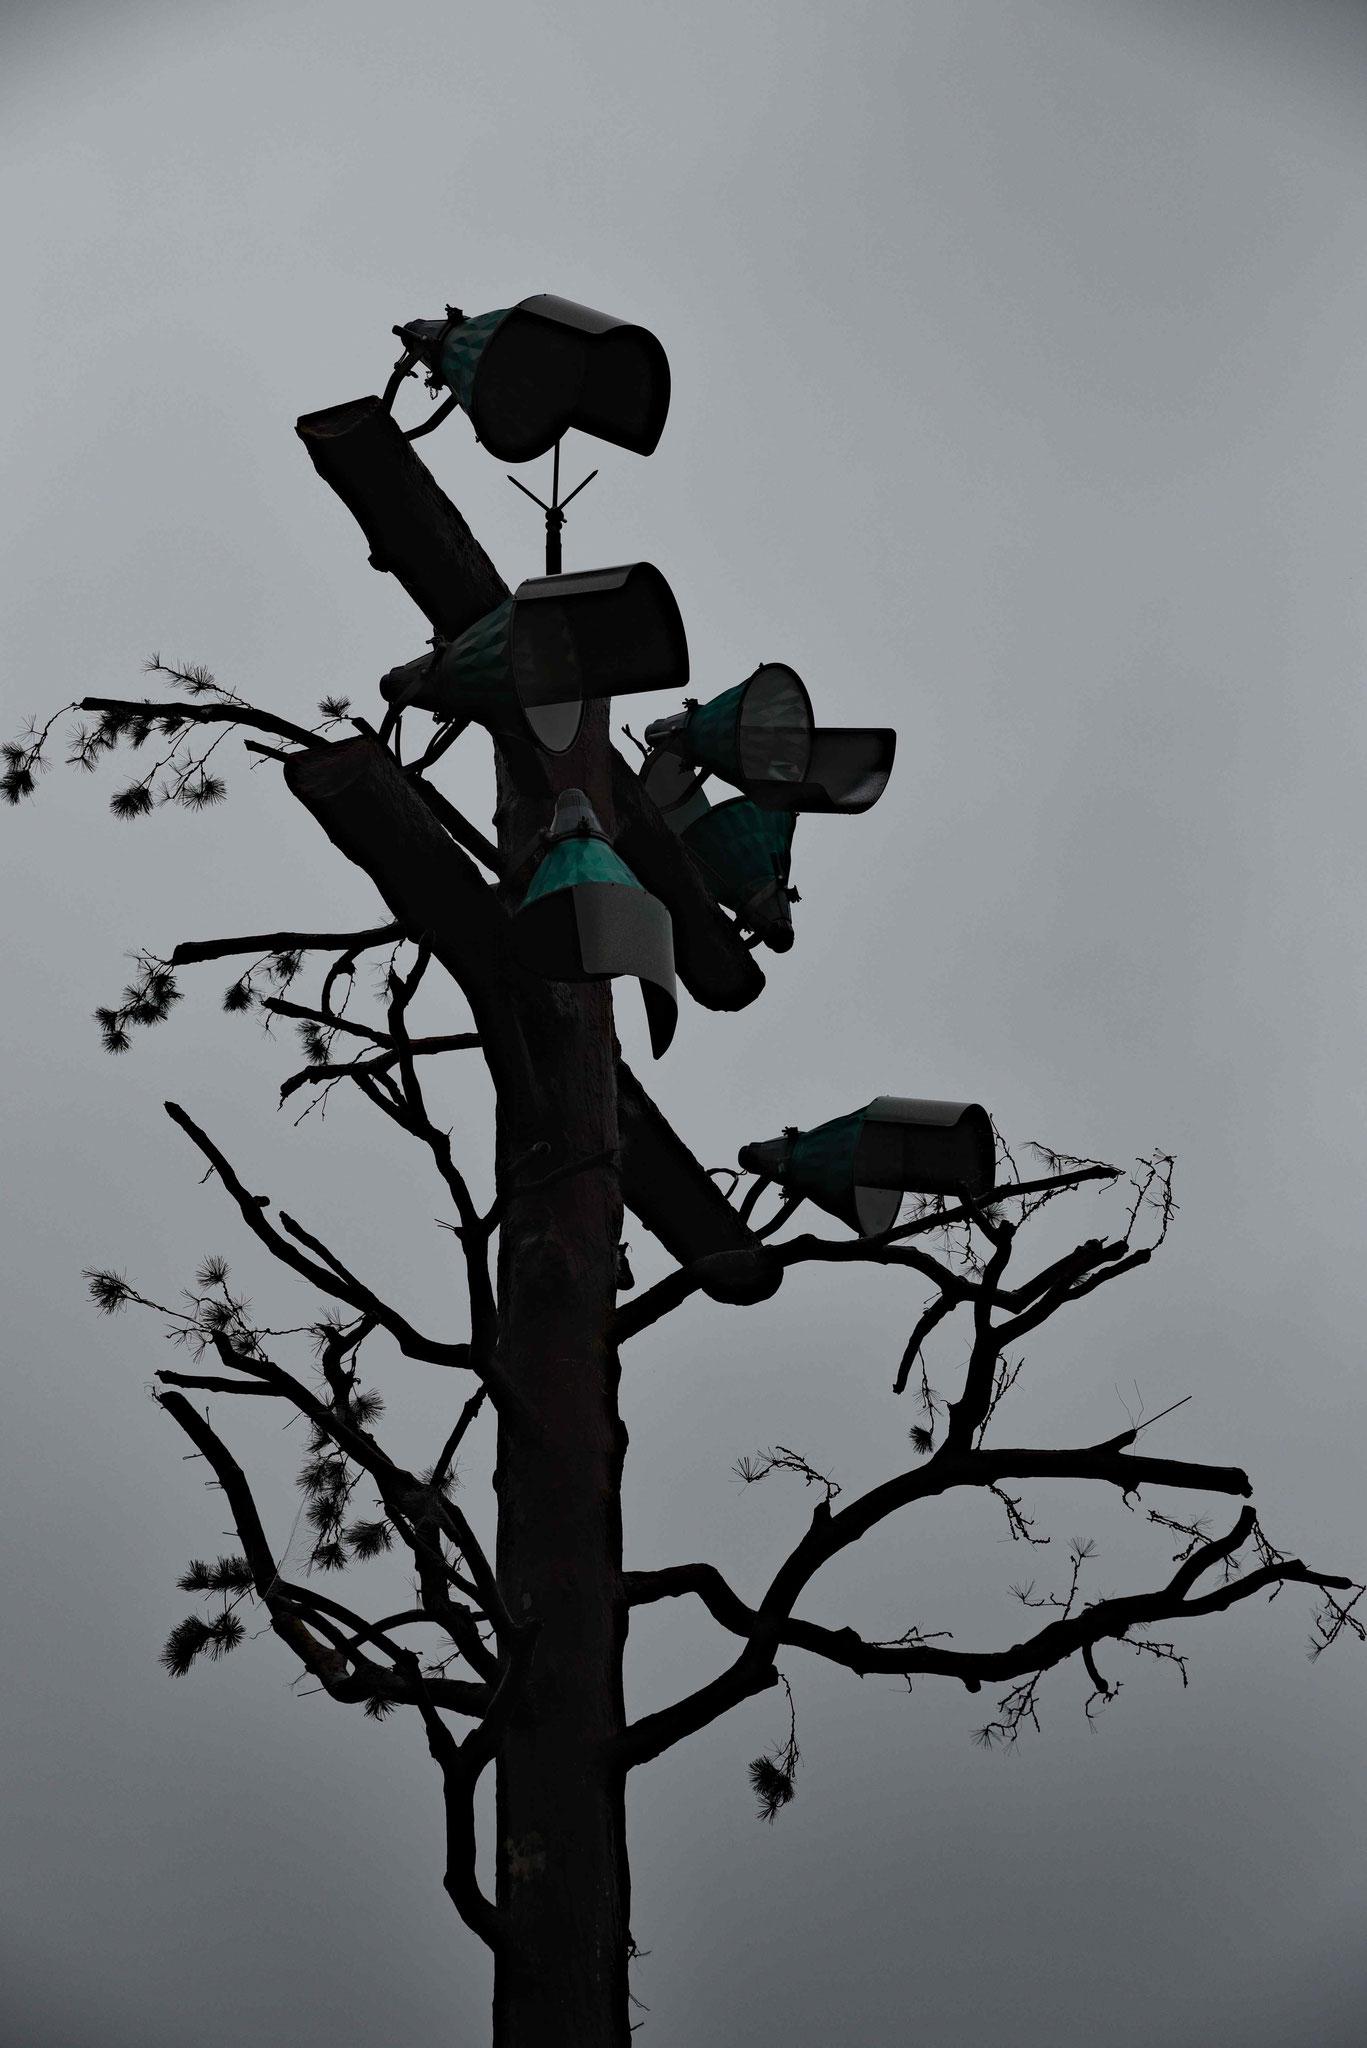 Als Baum getarnte Überwachungskameras